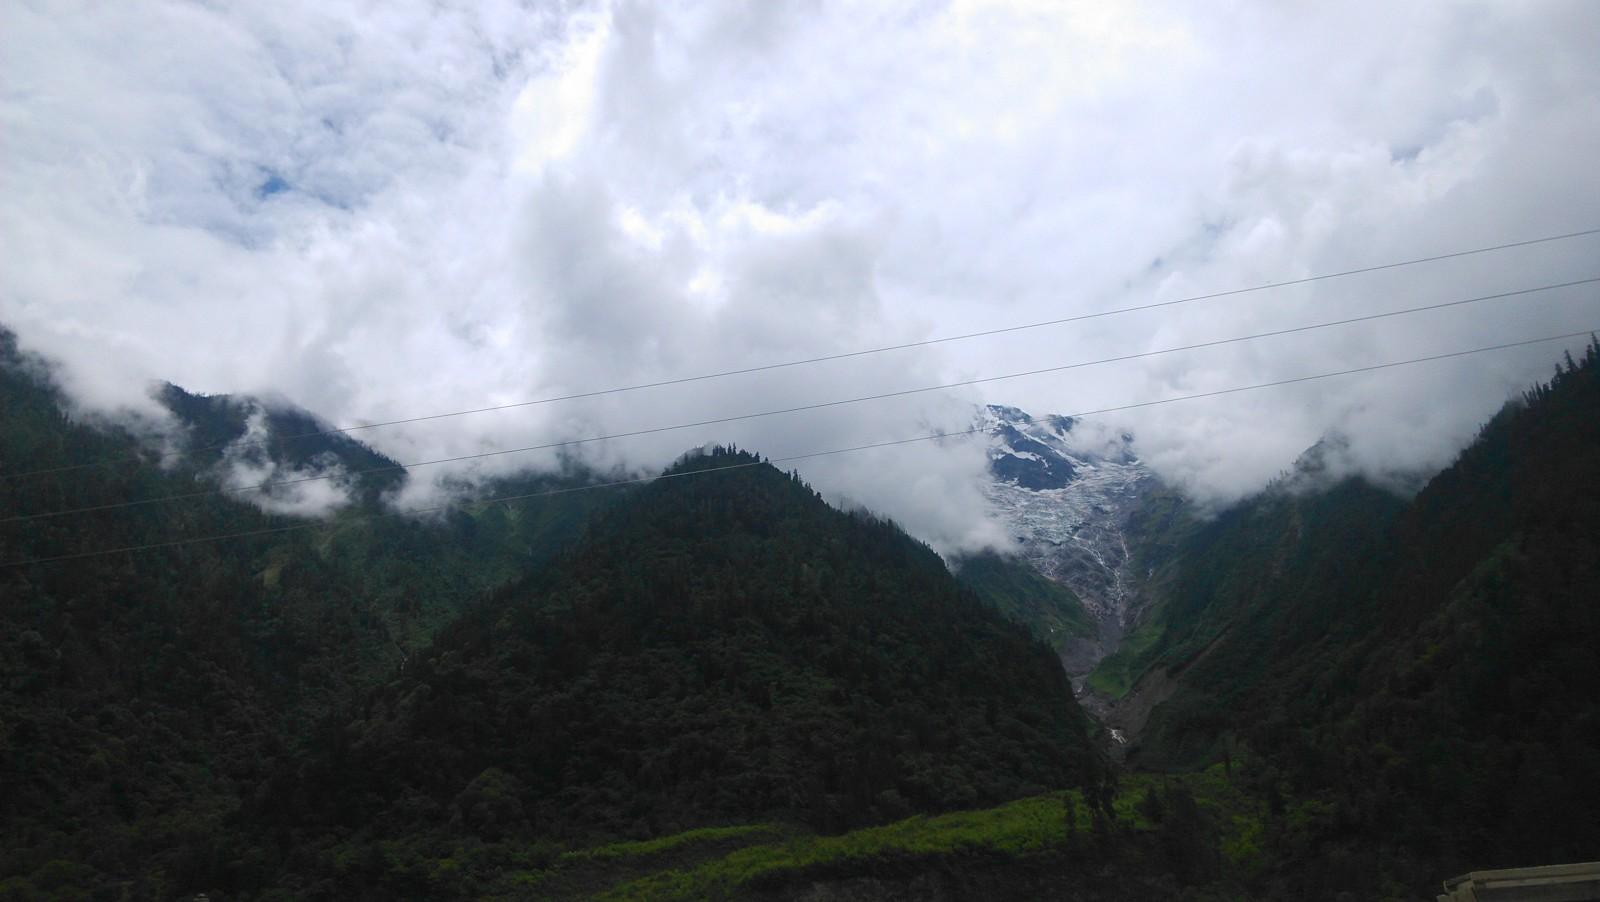 壮观的山间云雾